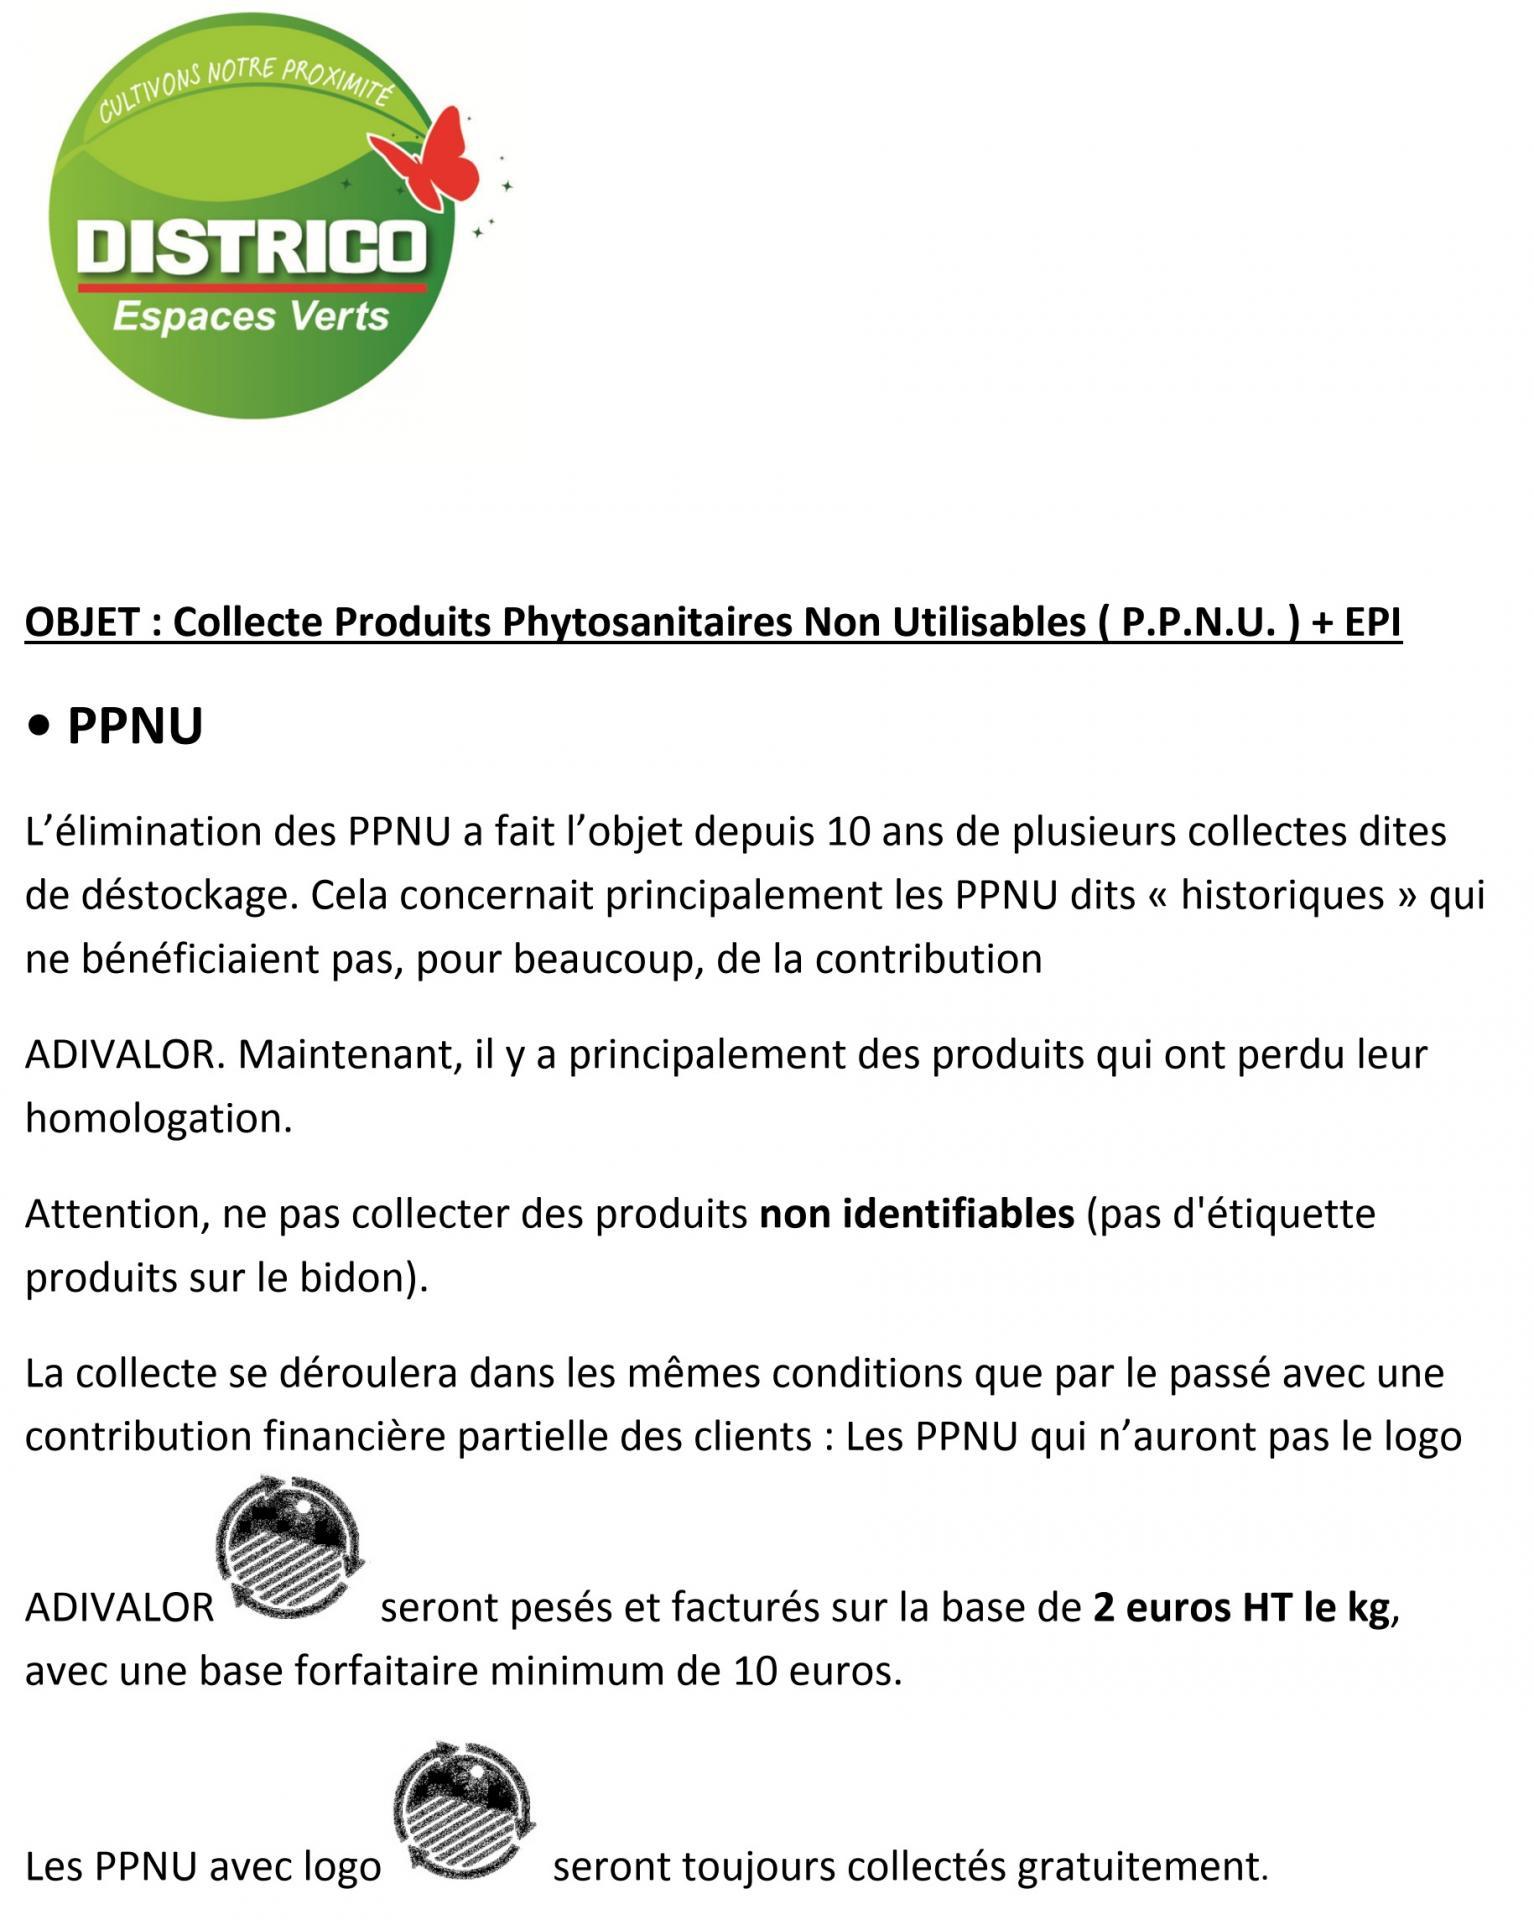 Collecte ppnu et epi p1